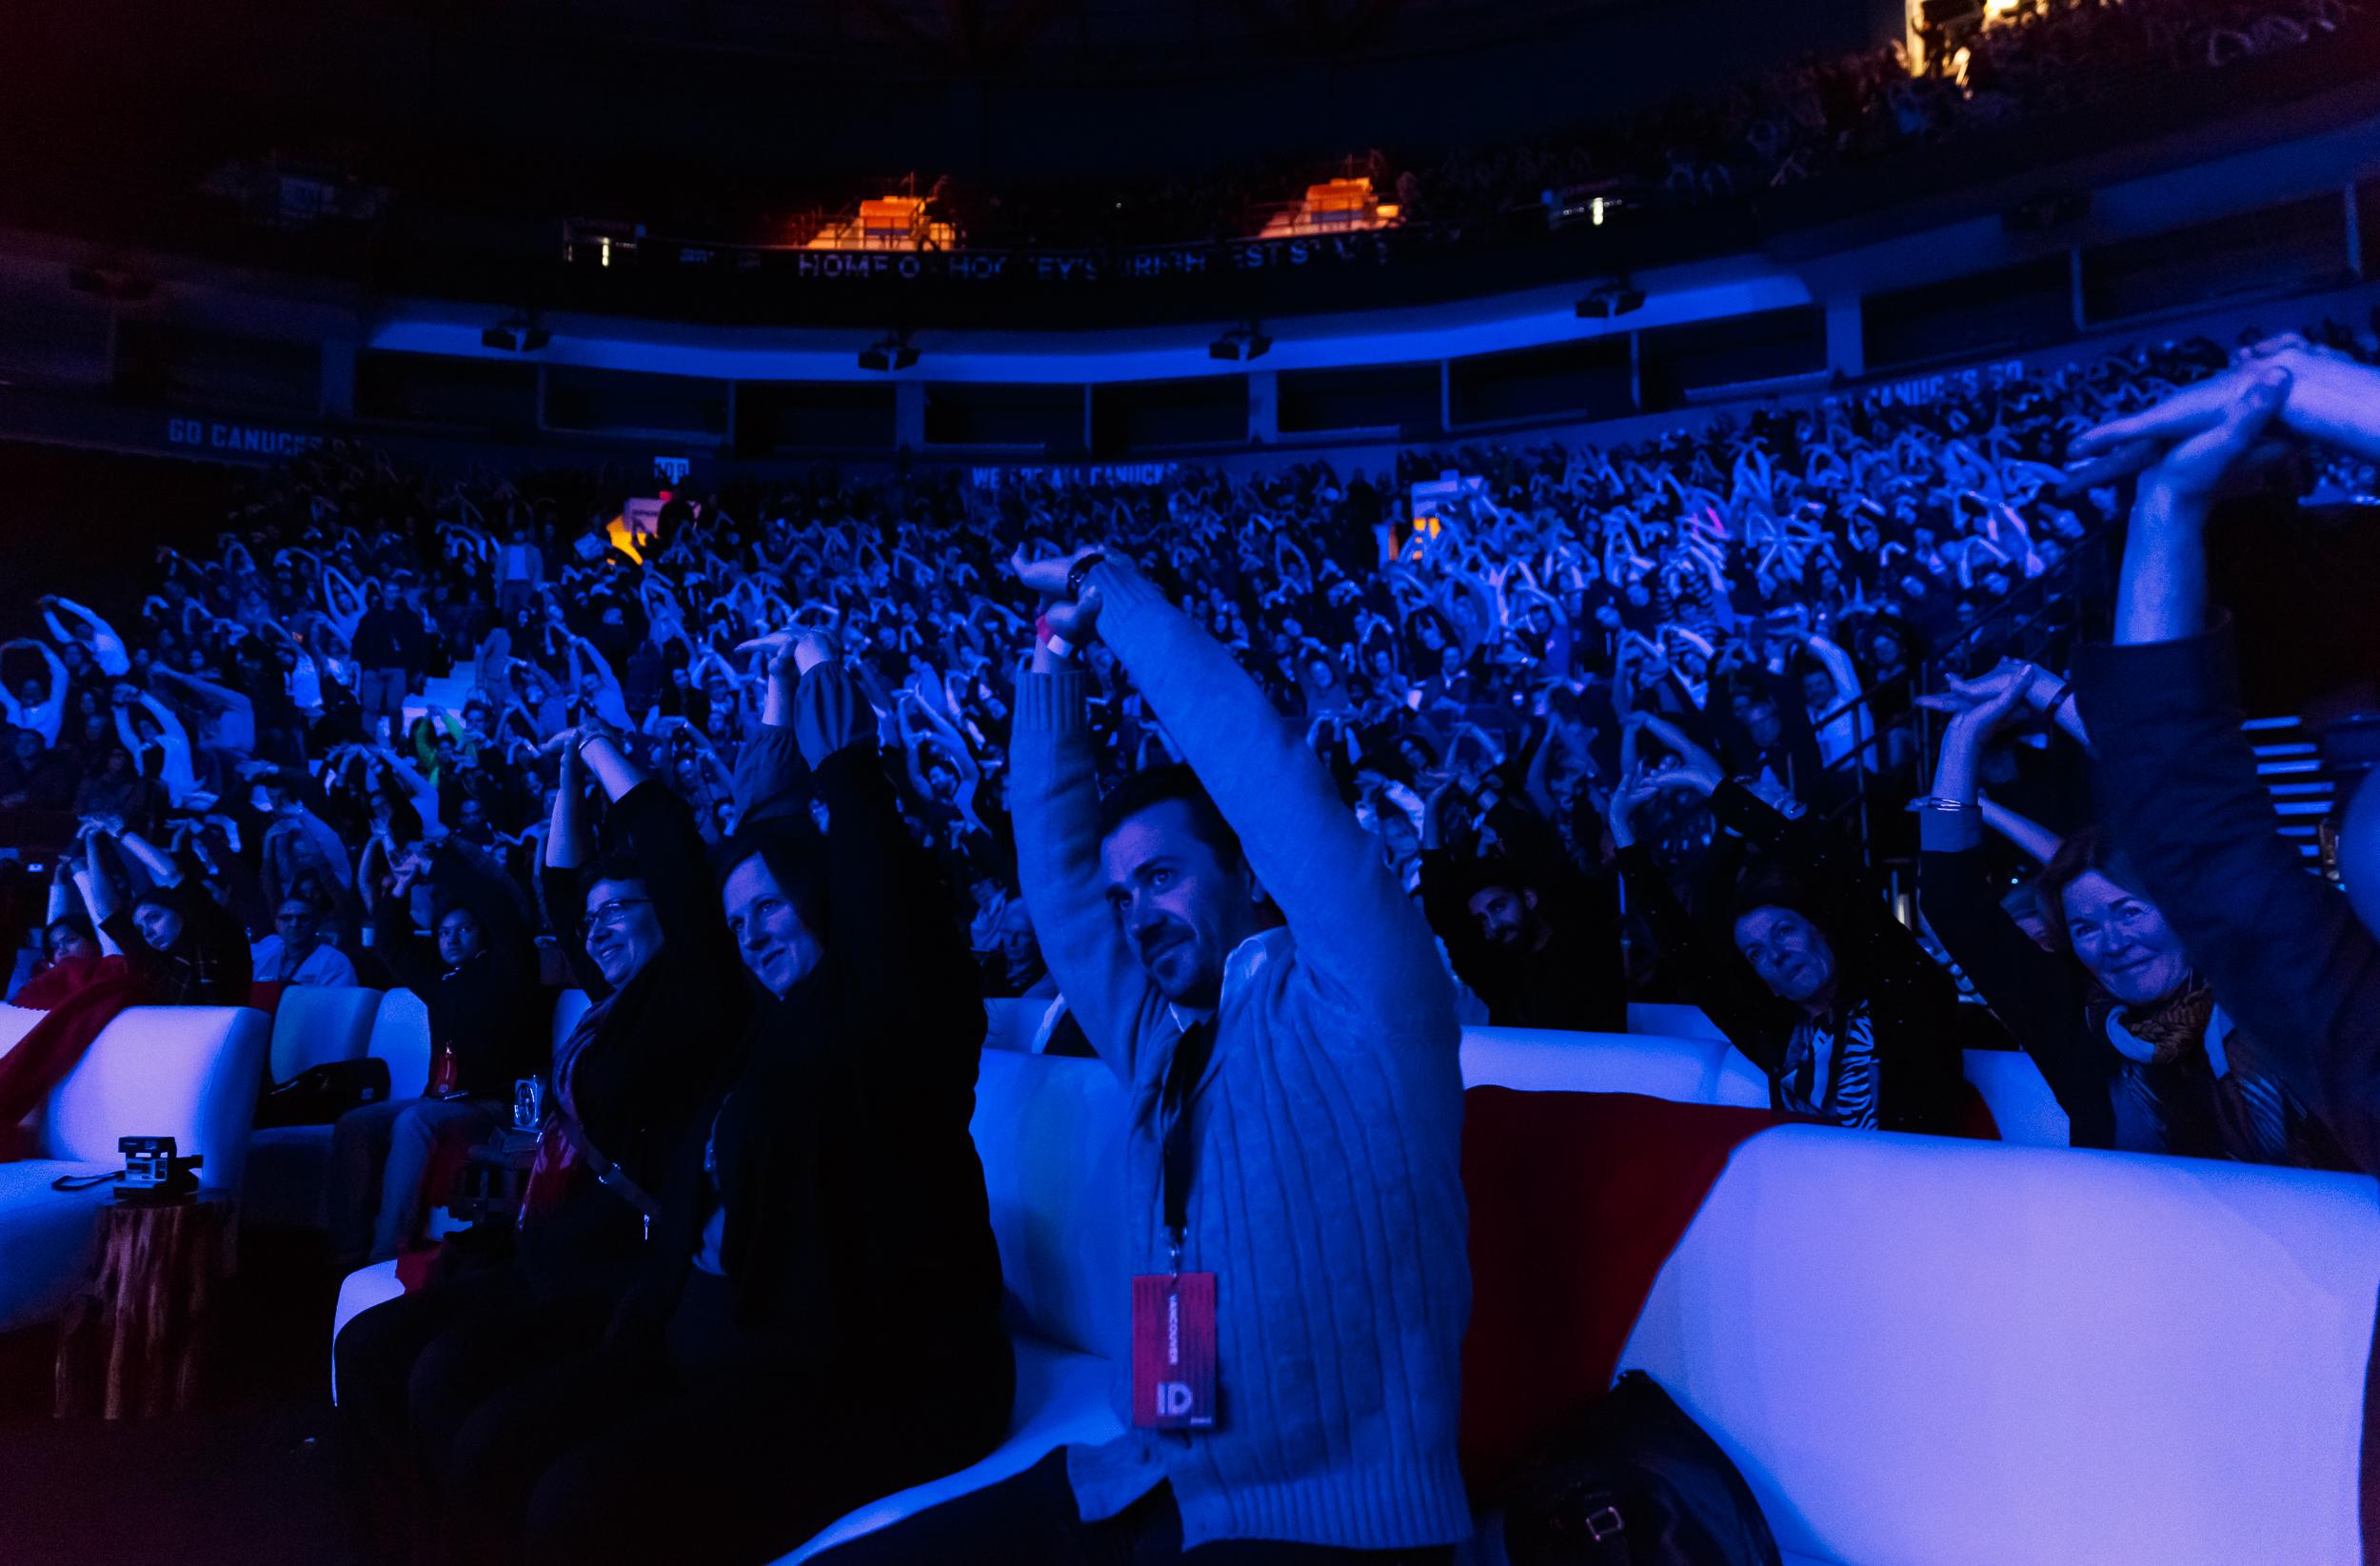 TEDx-Vancouver-photo-14.jpg